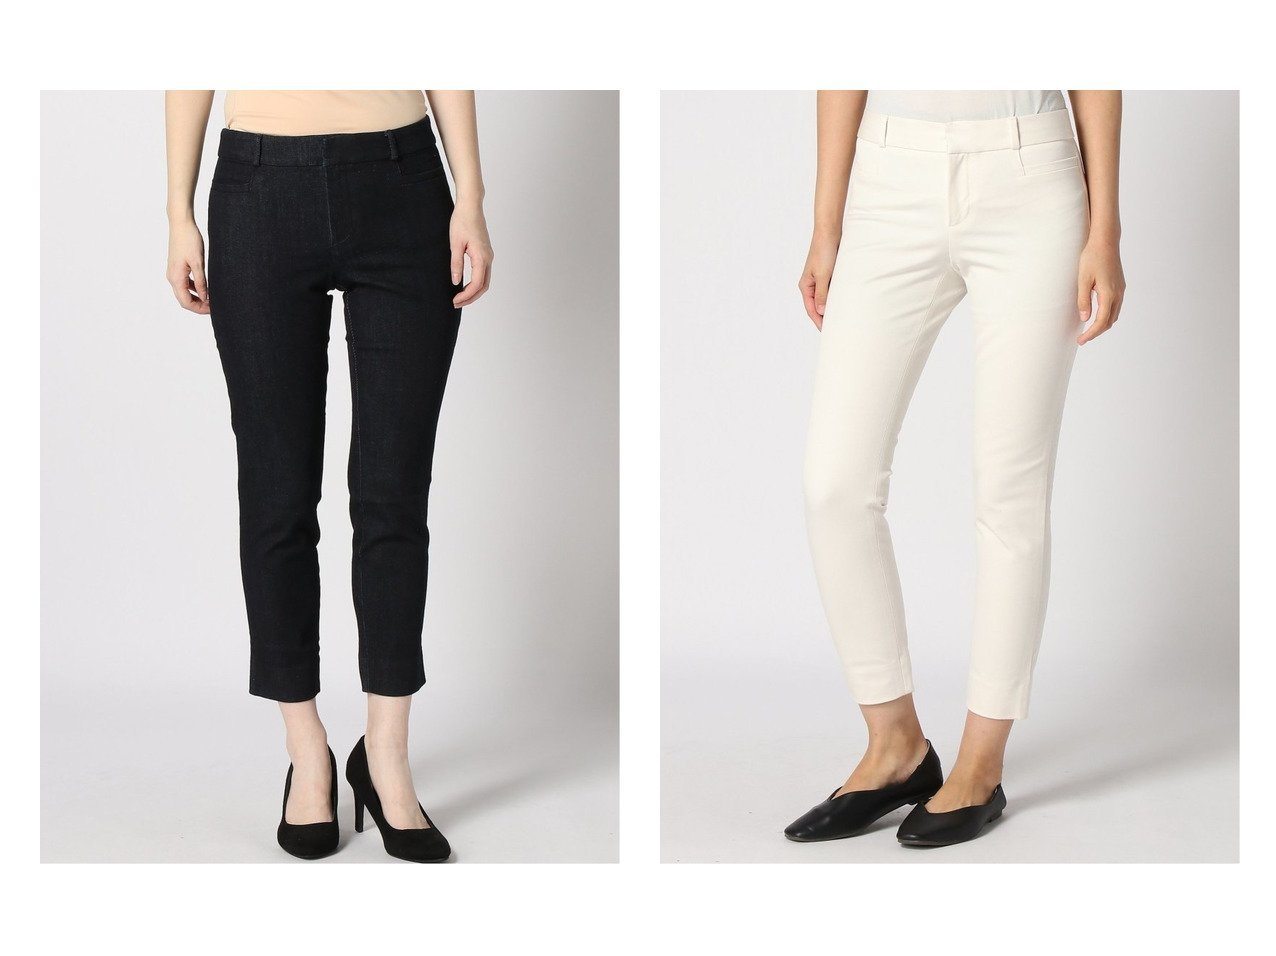 【BANANA REPUBLIC/バナナ リパブリック】のSloan リンスウォッシュ デニムパンツ&Sloan Skinny-Fit ウォッシャブルパンツ BANANA REPUBLICのおすすめ!人気、トレンド・レディースファッションの通販 おすすめで人気の流行・トレンド、ファッションの通販商品 メンズファッション・キッズファッション・インテリア・家具・レディースファッション・服の通販 founy(ファニー) https://founy.com/ ファッション Fashion レディースファッション WOMEN パンツ Pants デニムパンツ Denim Pants アンクル クロップド コイン ジーンズ ストレッチ デニム フィット フロント ポケット ループ |ID:crp329100000019109